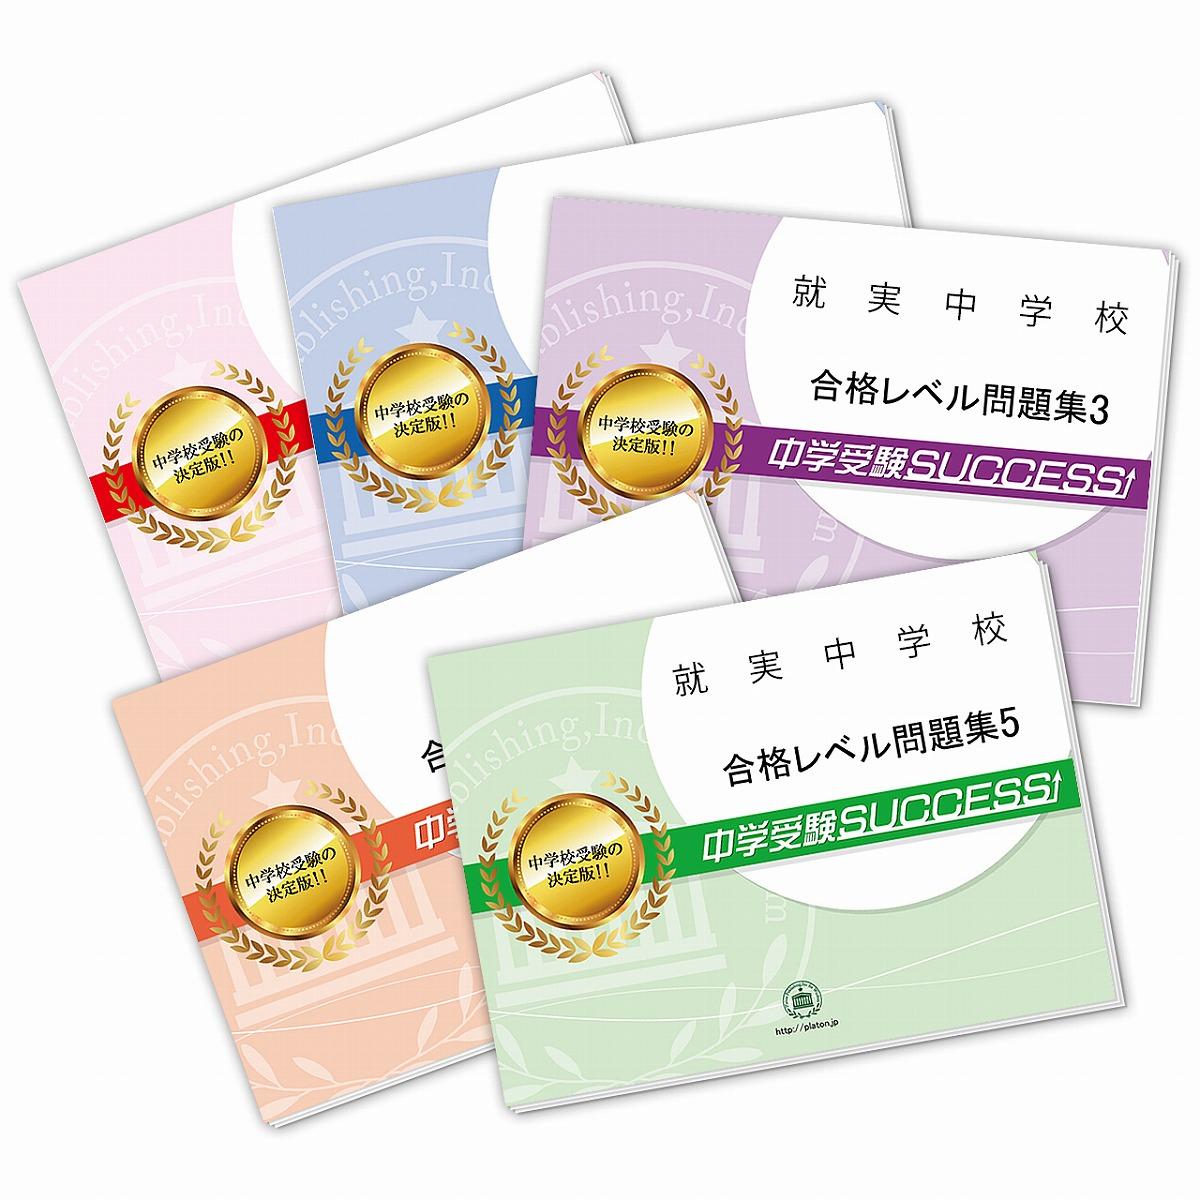 【送料・代引手数料無料】就実中学校・直前対策合格セット(5冊)